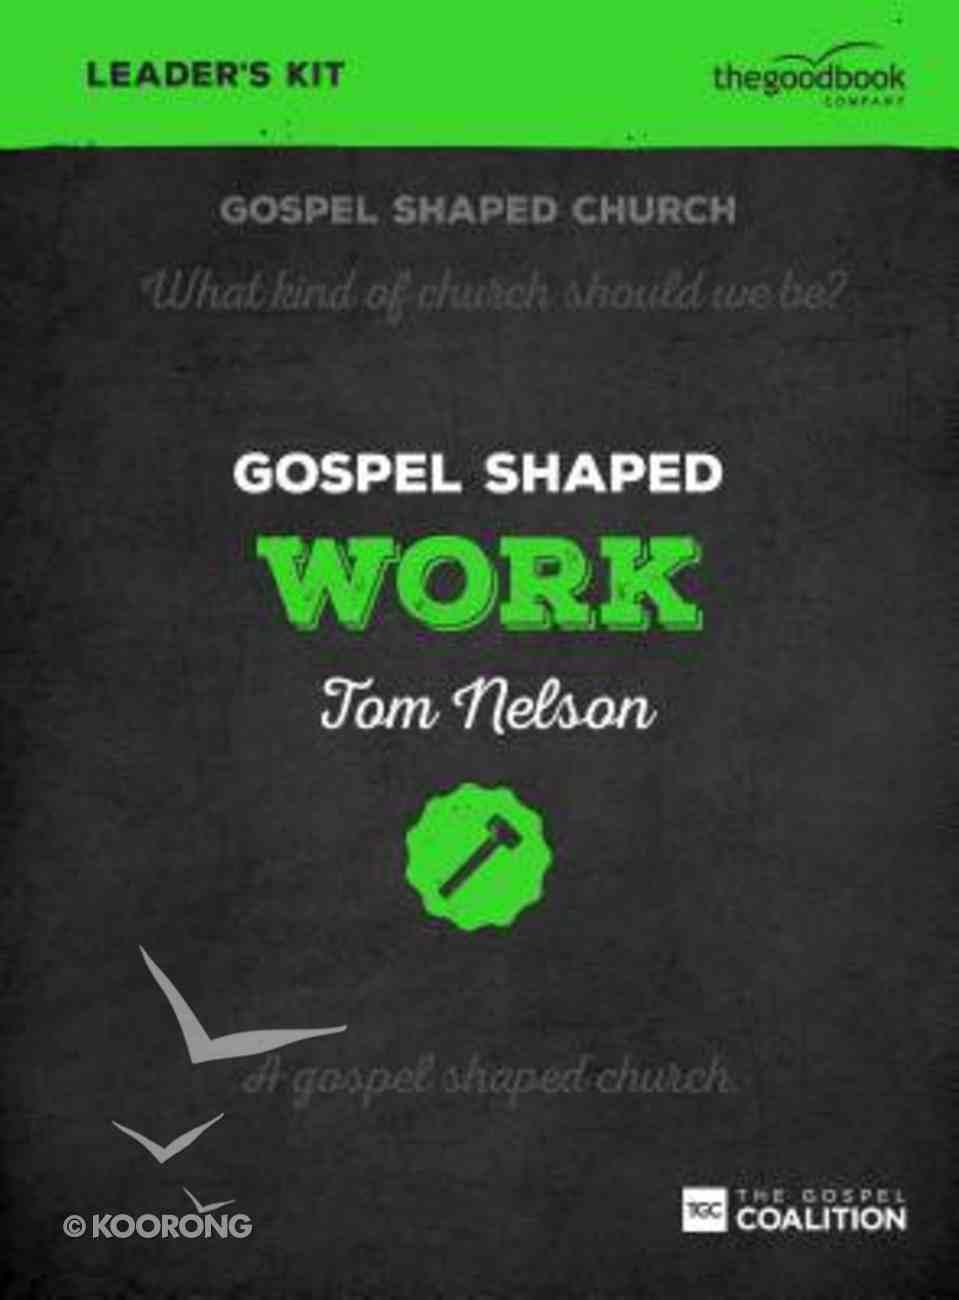 Gospel Shaped Work (Dvd Leader's Kit) Pack